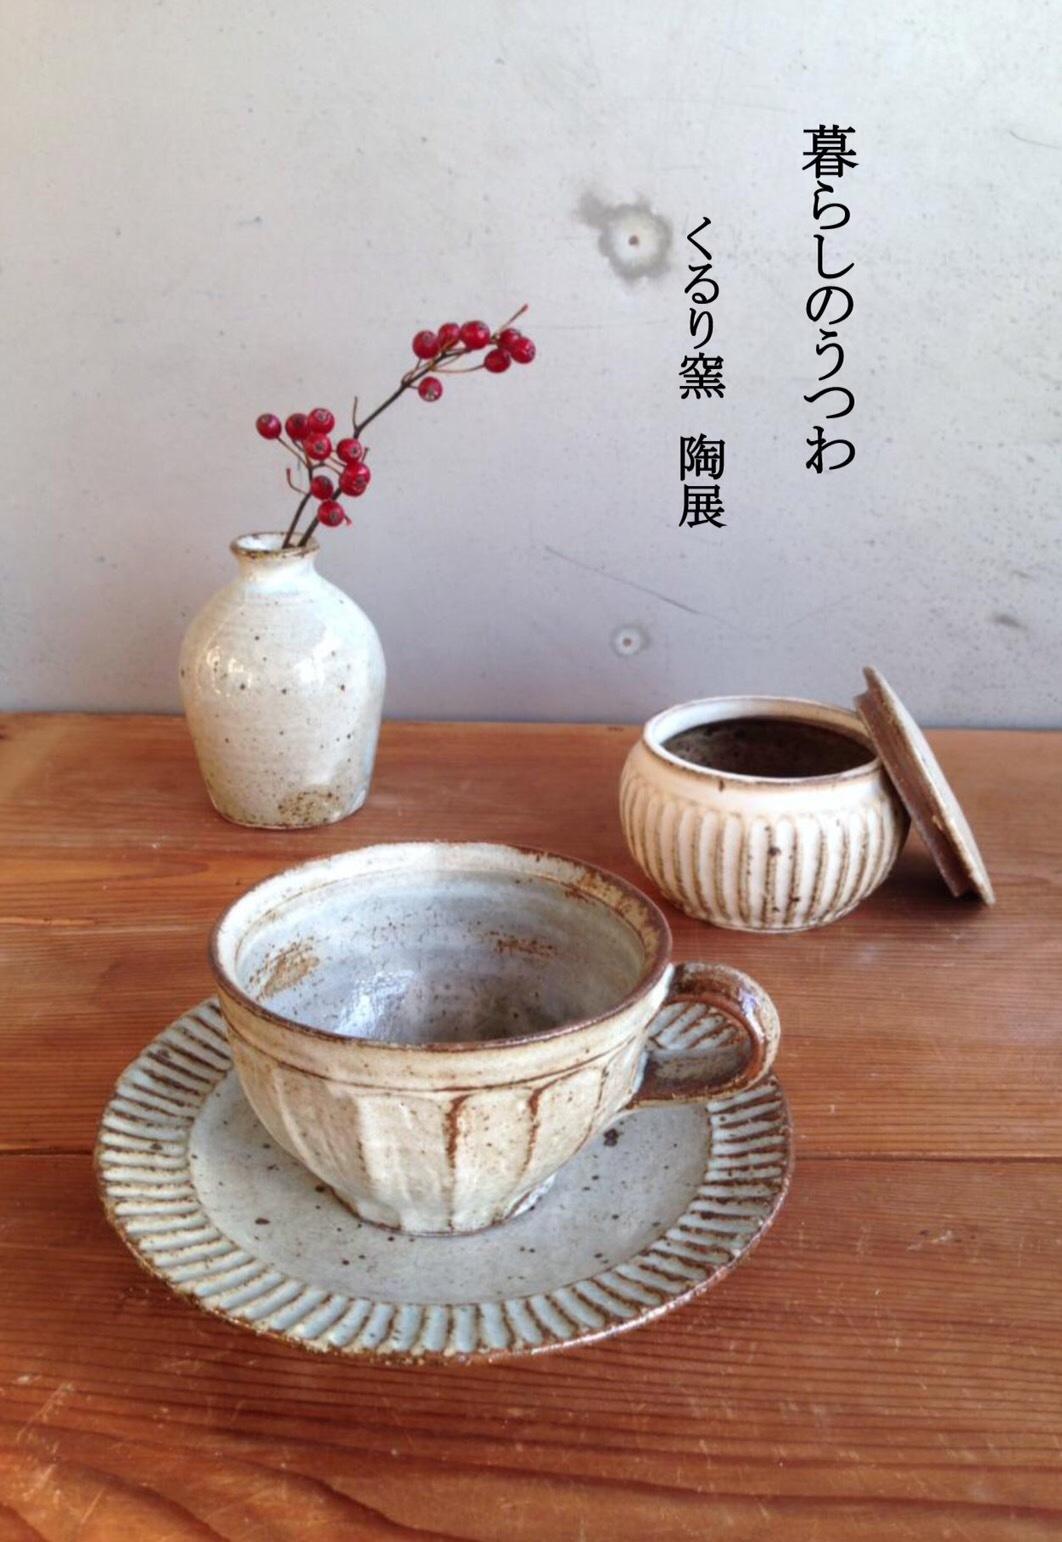 【暮らしのうつわ】くるり窯 陶展 のご案内*_a0322702_11310739.jpeg